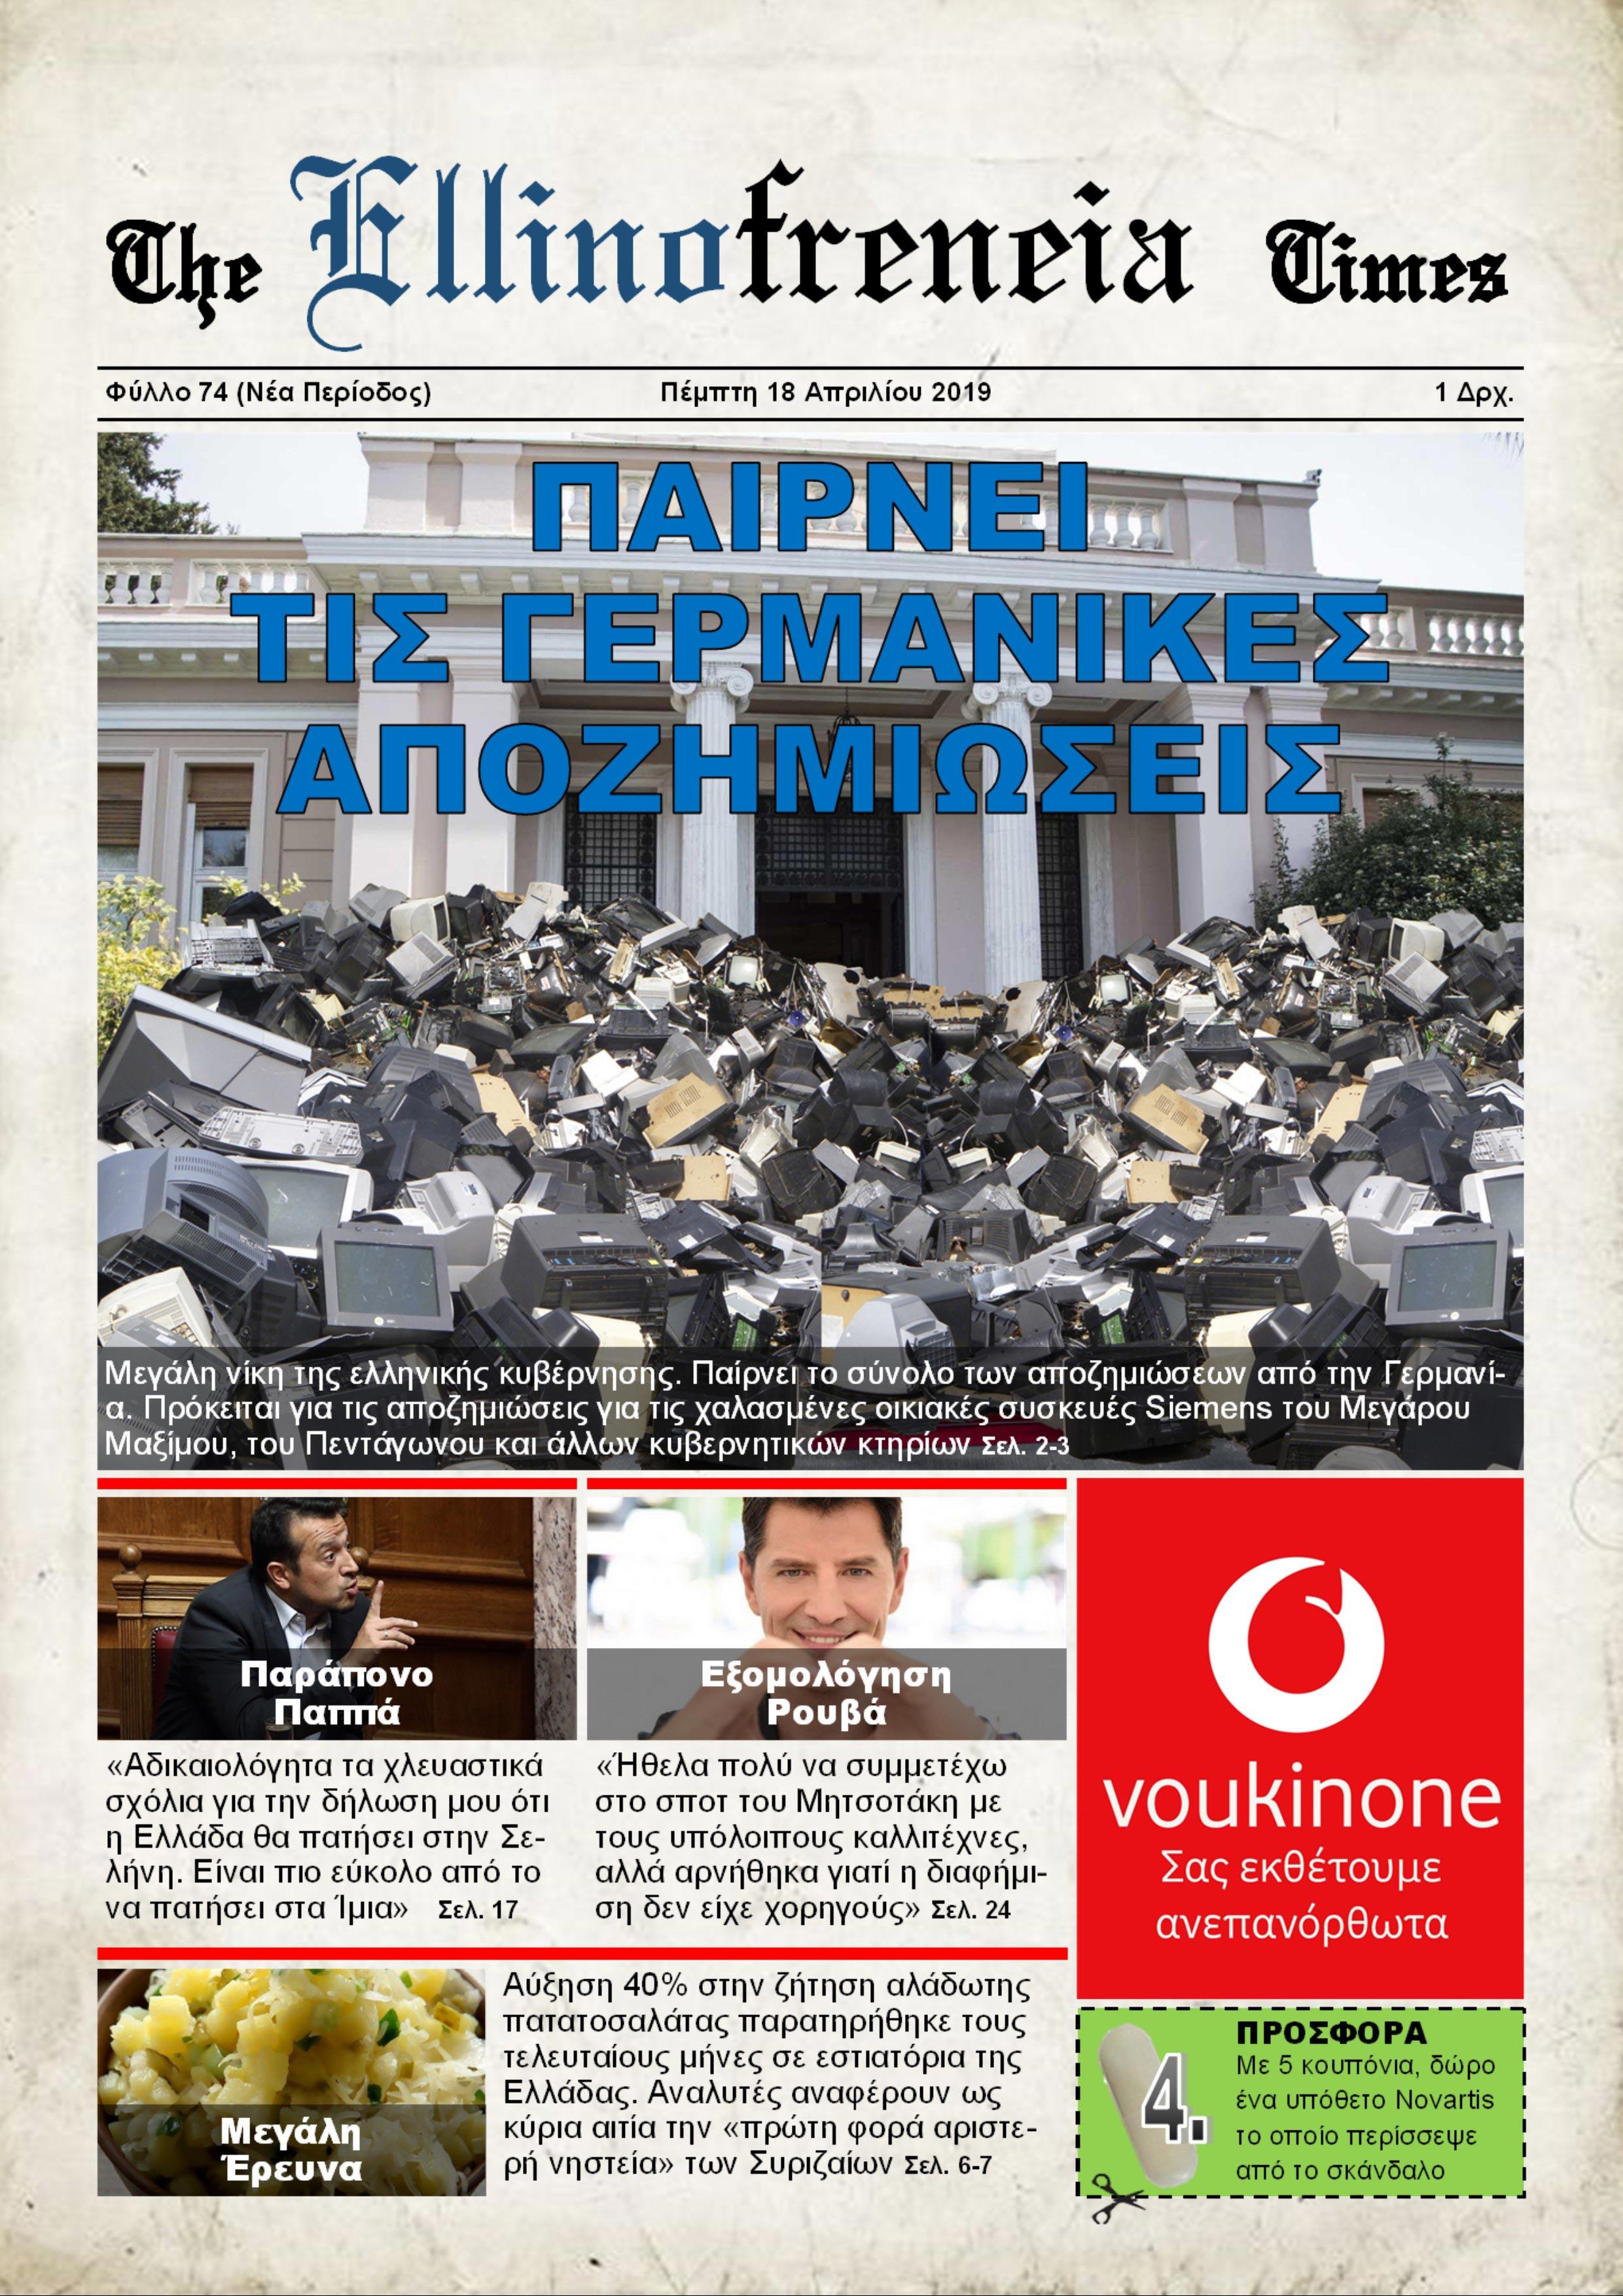 Εφημερίδα, Αποζημιώσεις, Παππάς, ΣΥΡΙΖΑ